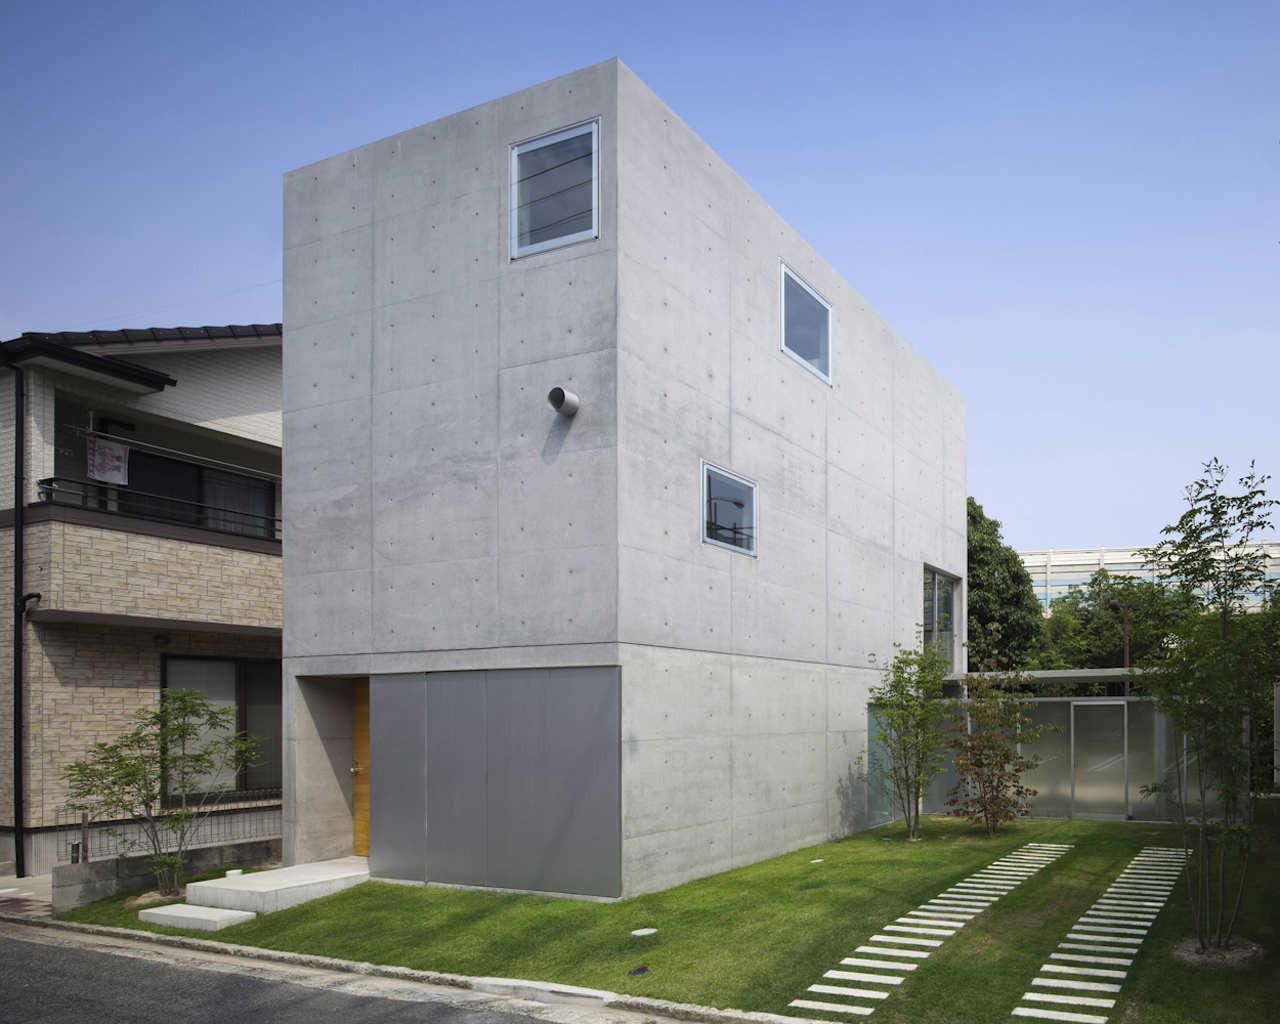 House In Kohgo / Yutaka Yoshida, © Tomohiro Sakashita